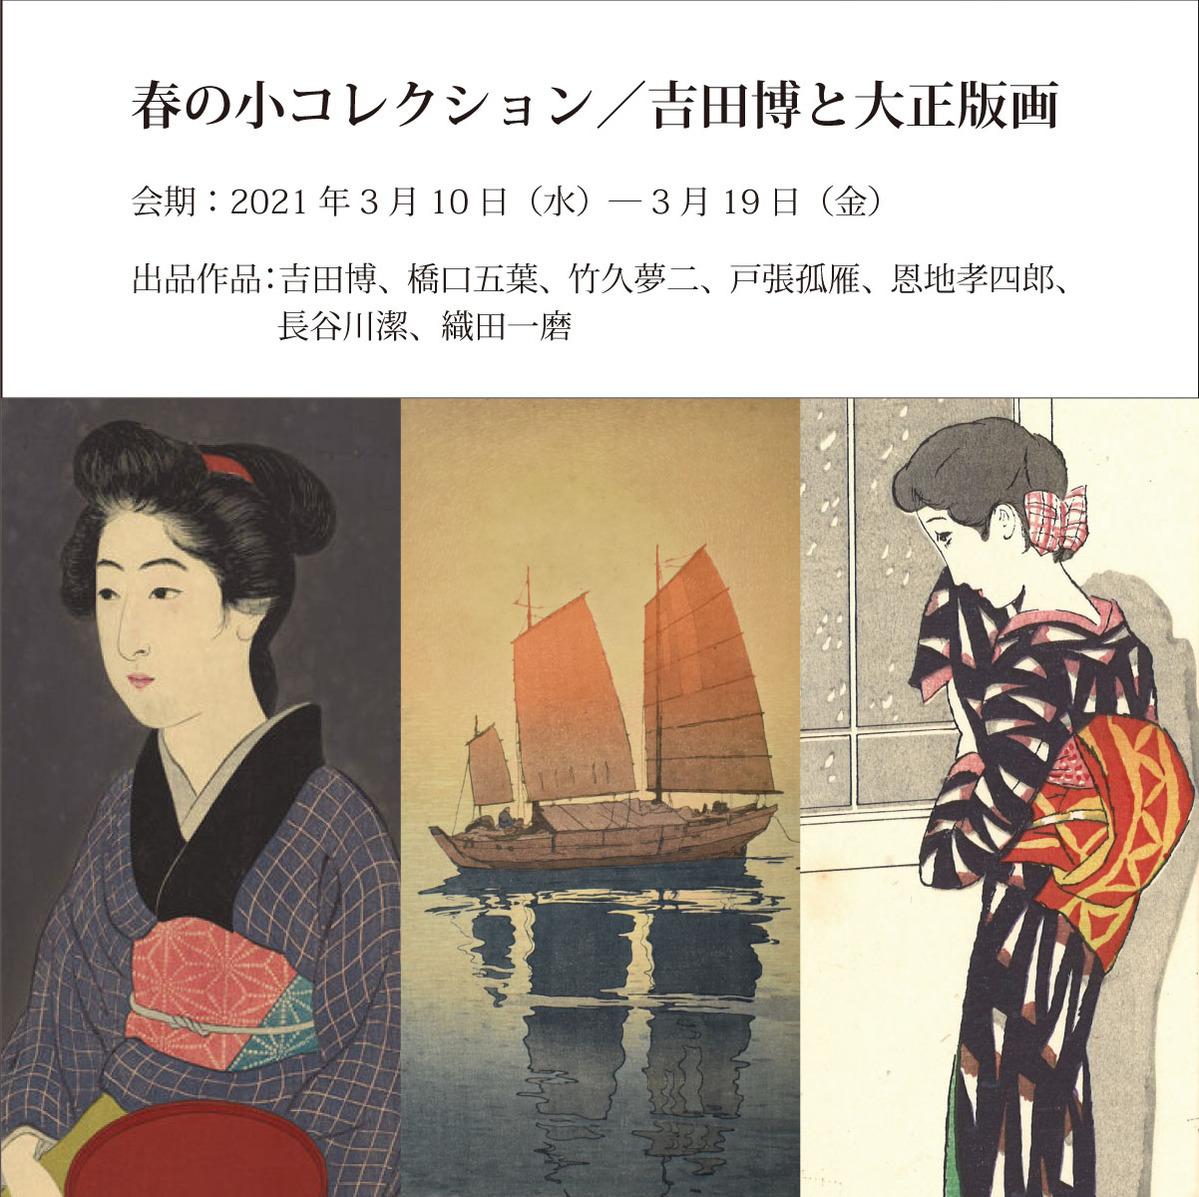 「春の小コレクション/吉田博と大正版画」3月10日— 3月19日